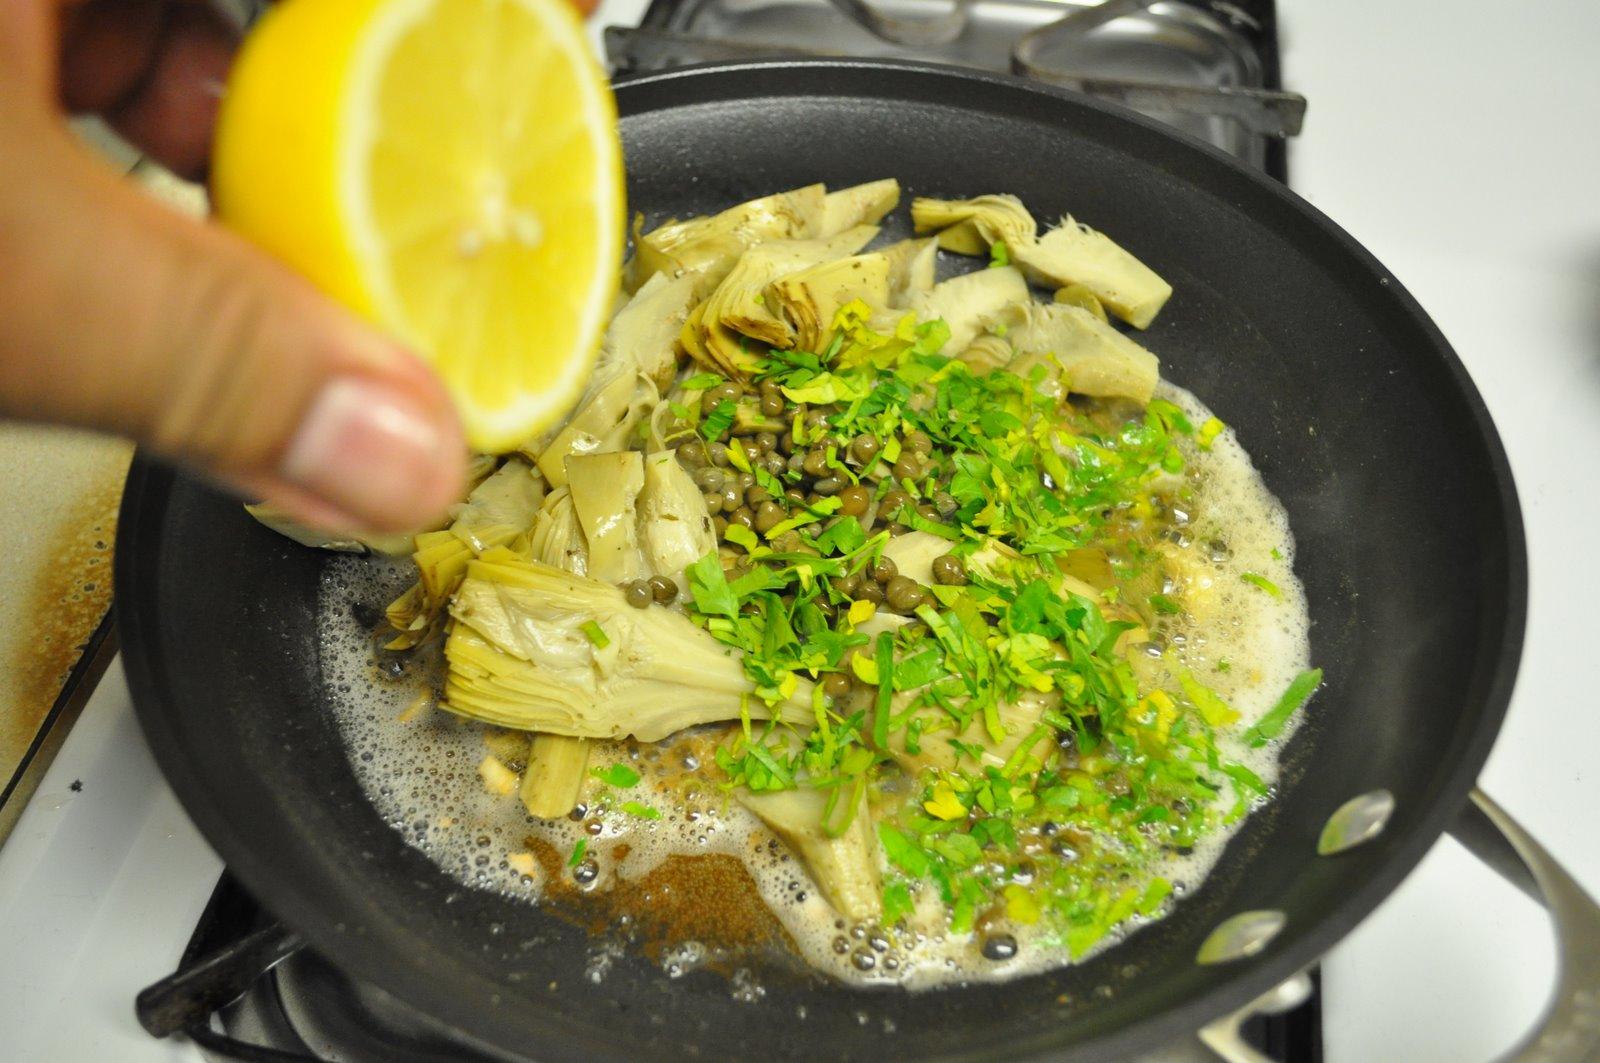 Bassa con salsa de alcachofas cocina y algo mas for Cocinar alcachofas